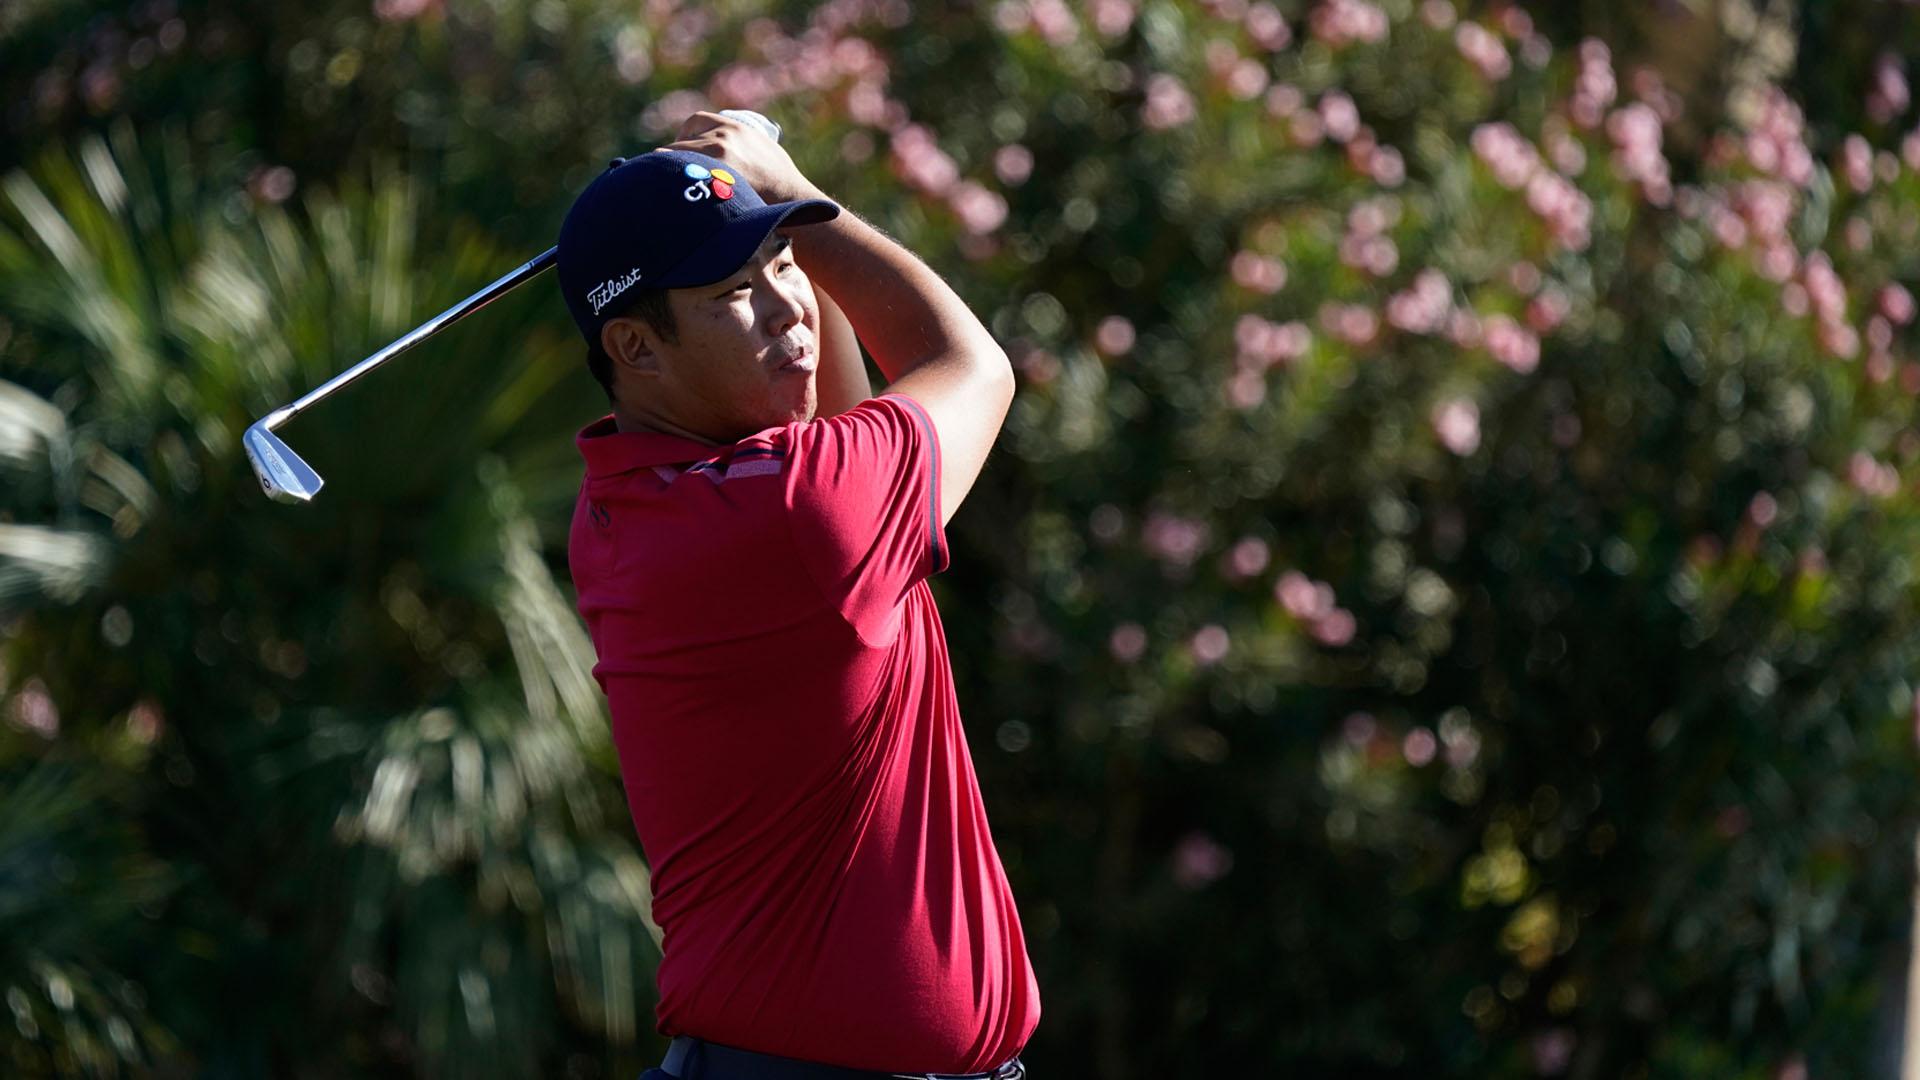 안병훈, PGA 아메리칸 익스프레스 첫날 2위